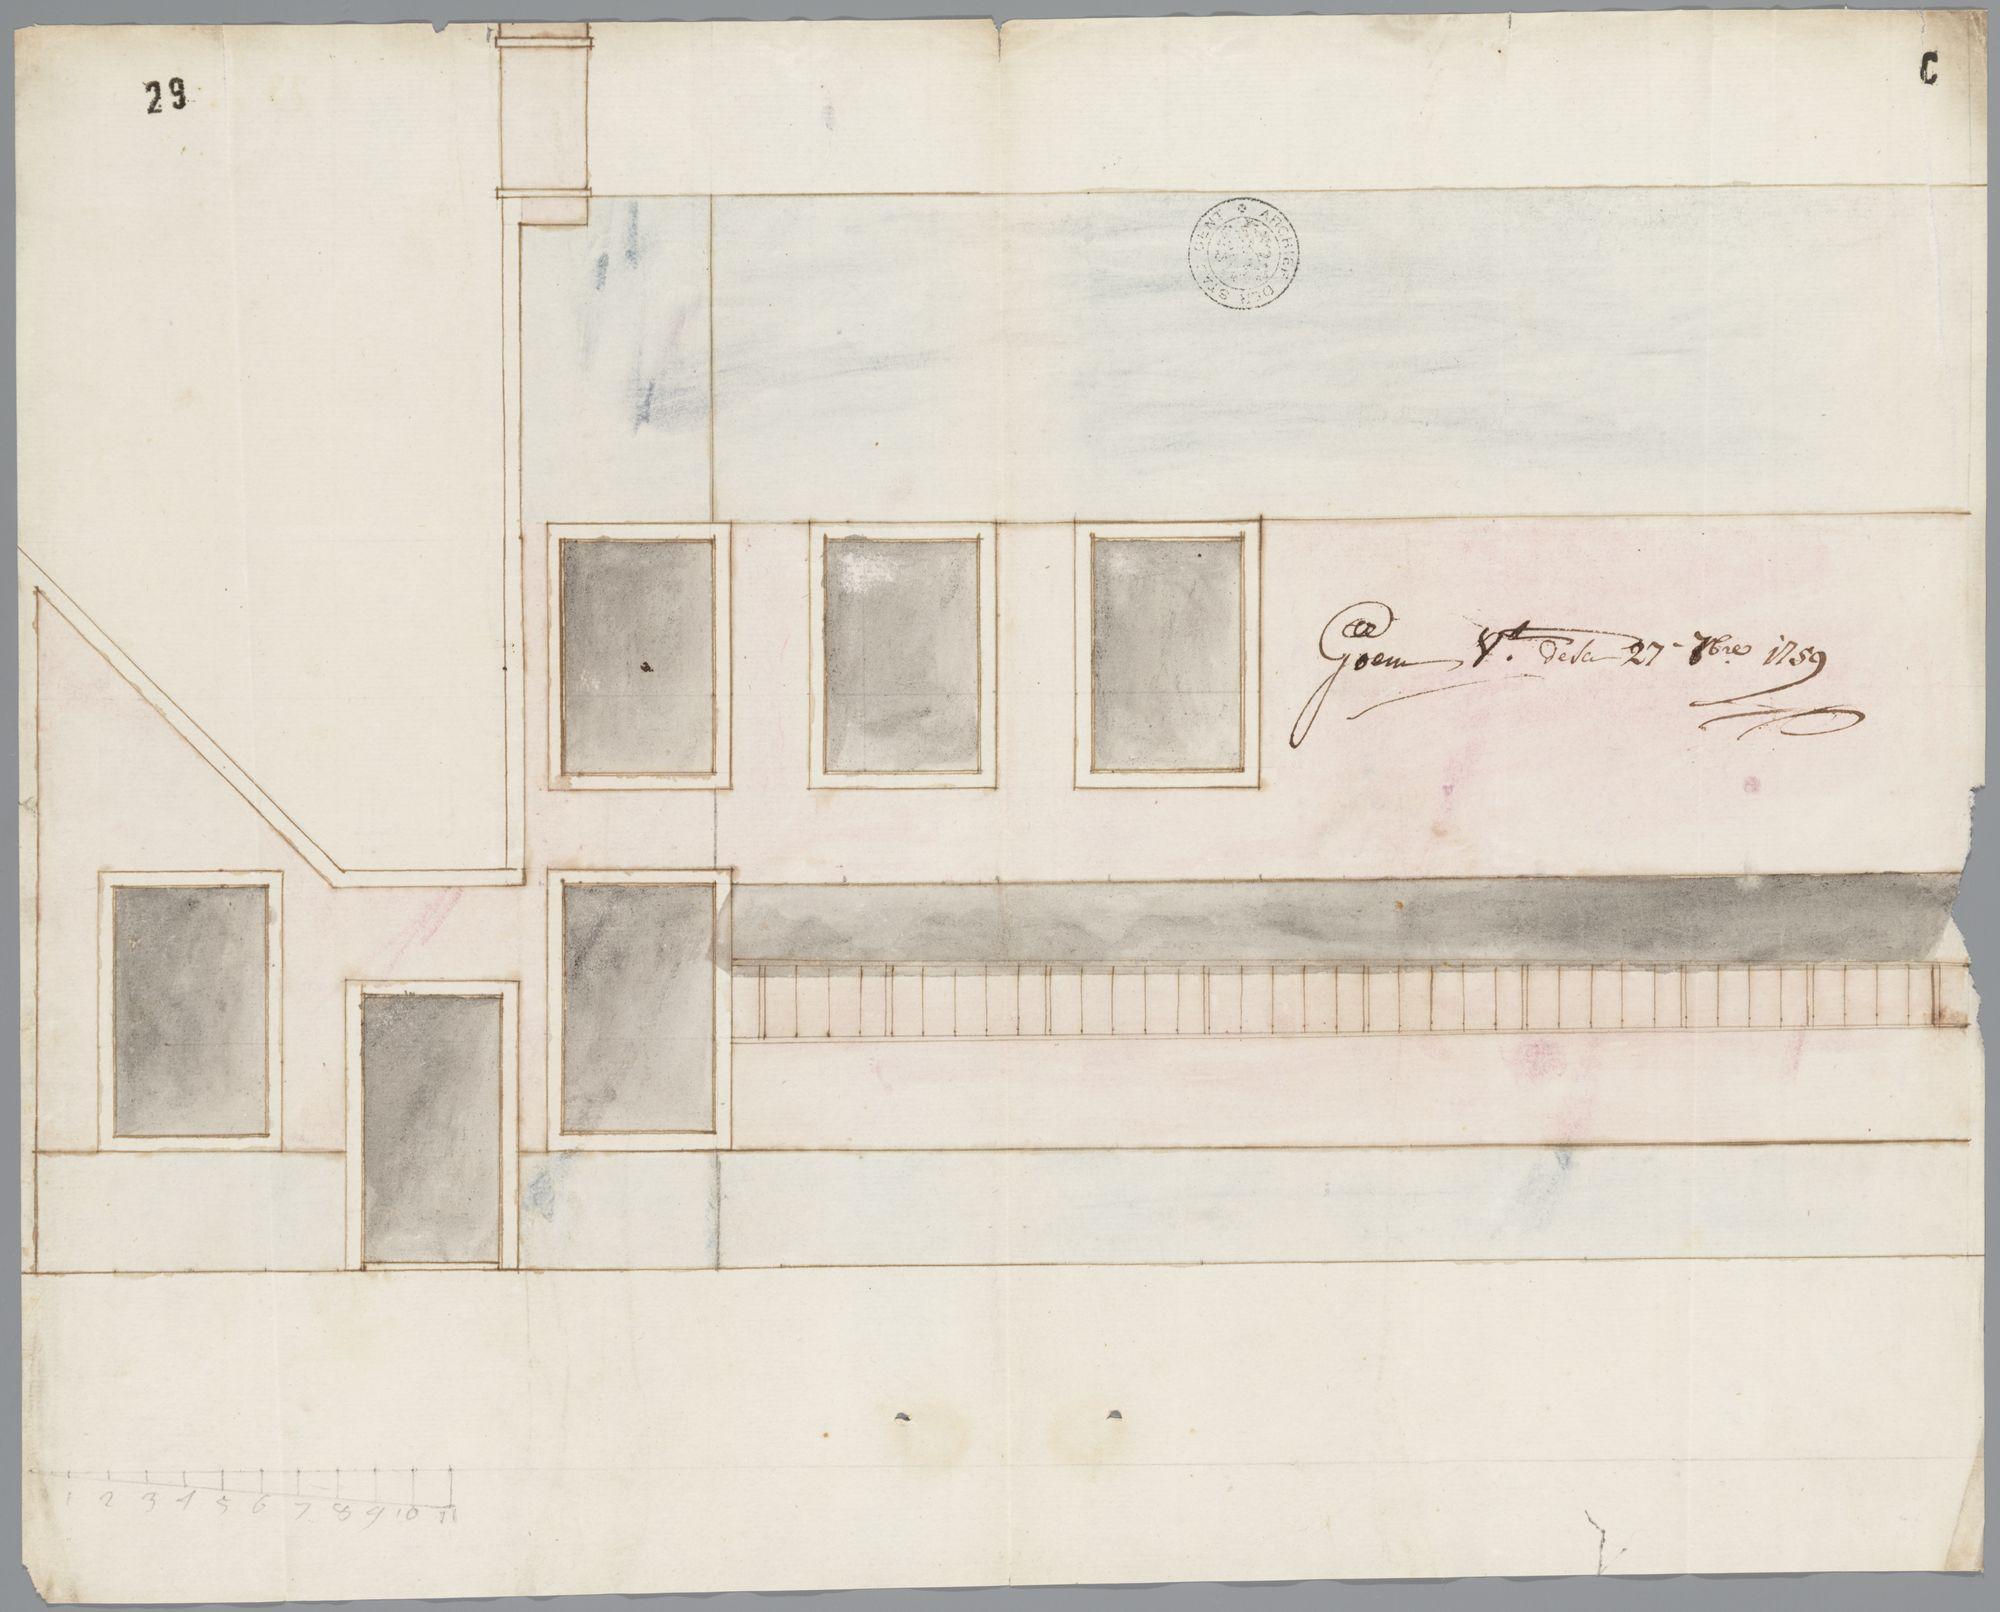 Gent: Kouter, 1759: opstand gevel